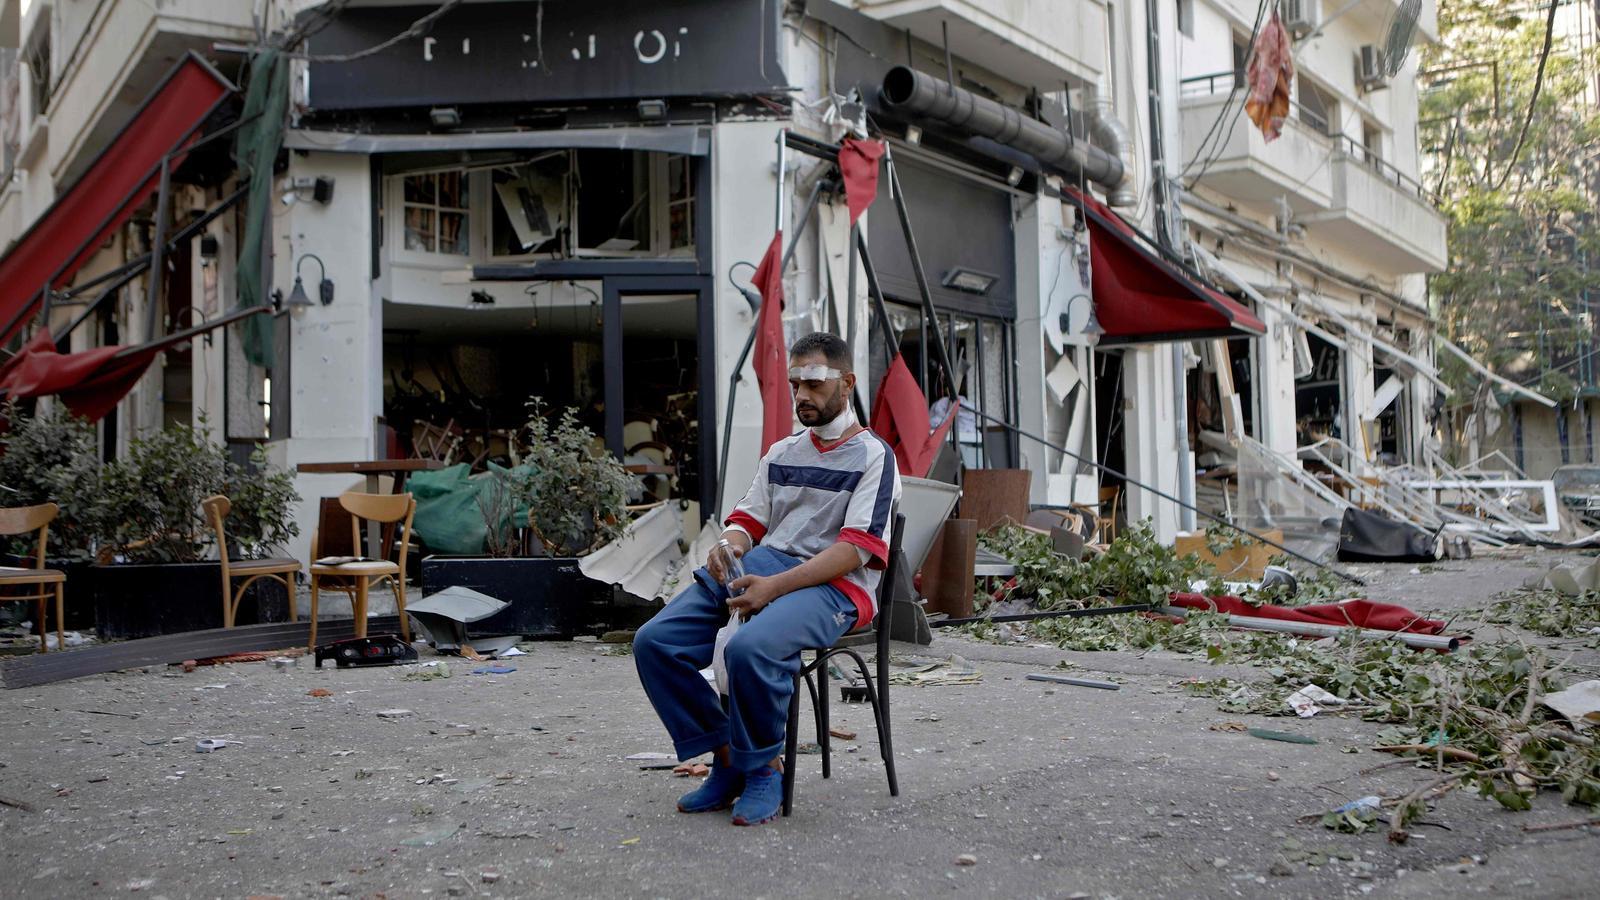 La causa de l'explosió a Beirut: 2.700 tones de nitrat d'amoni